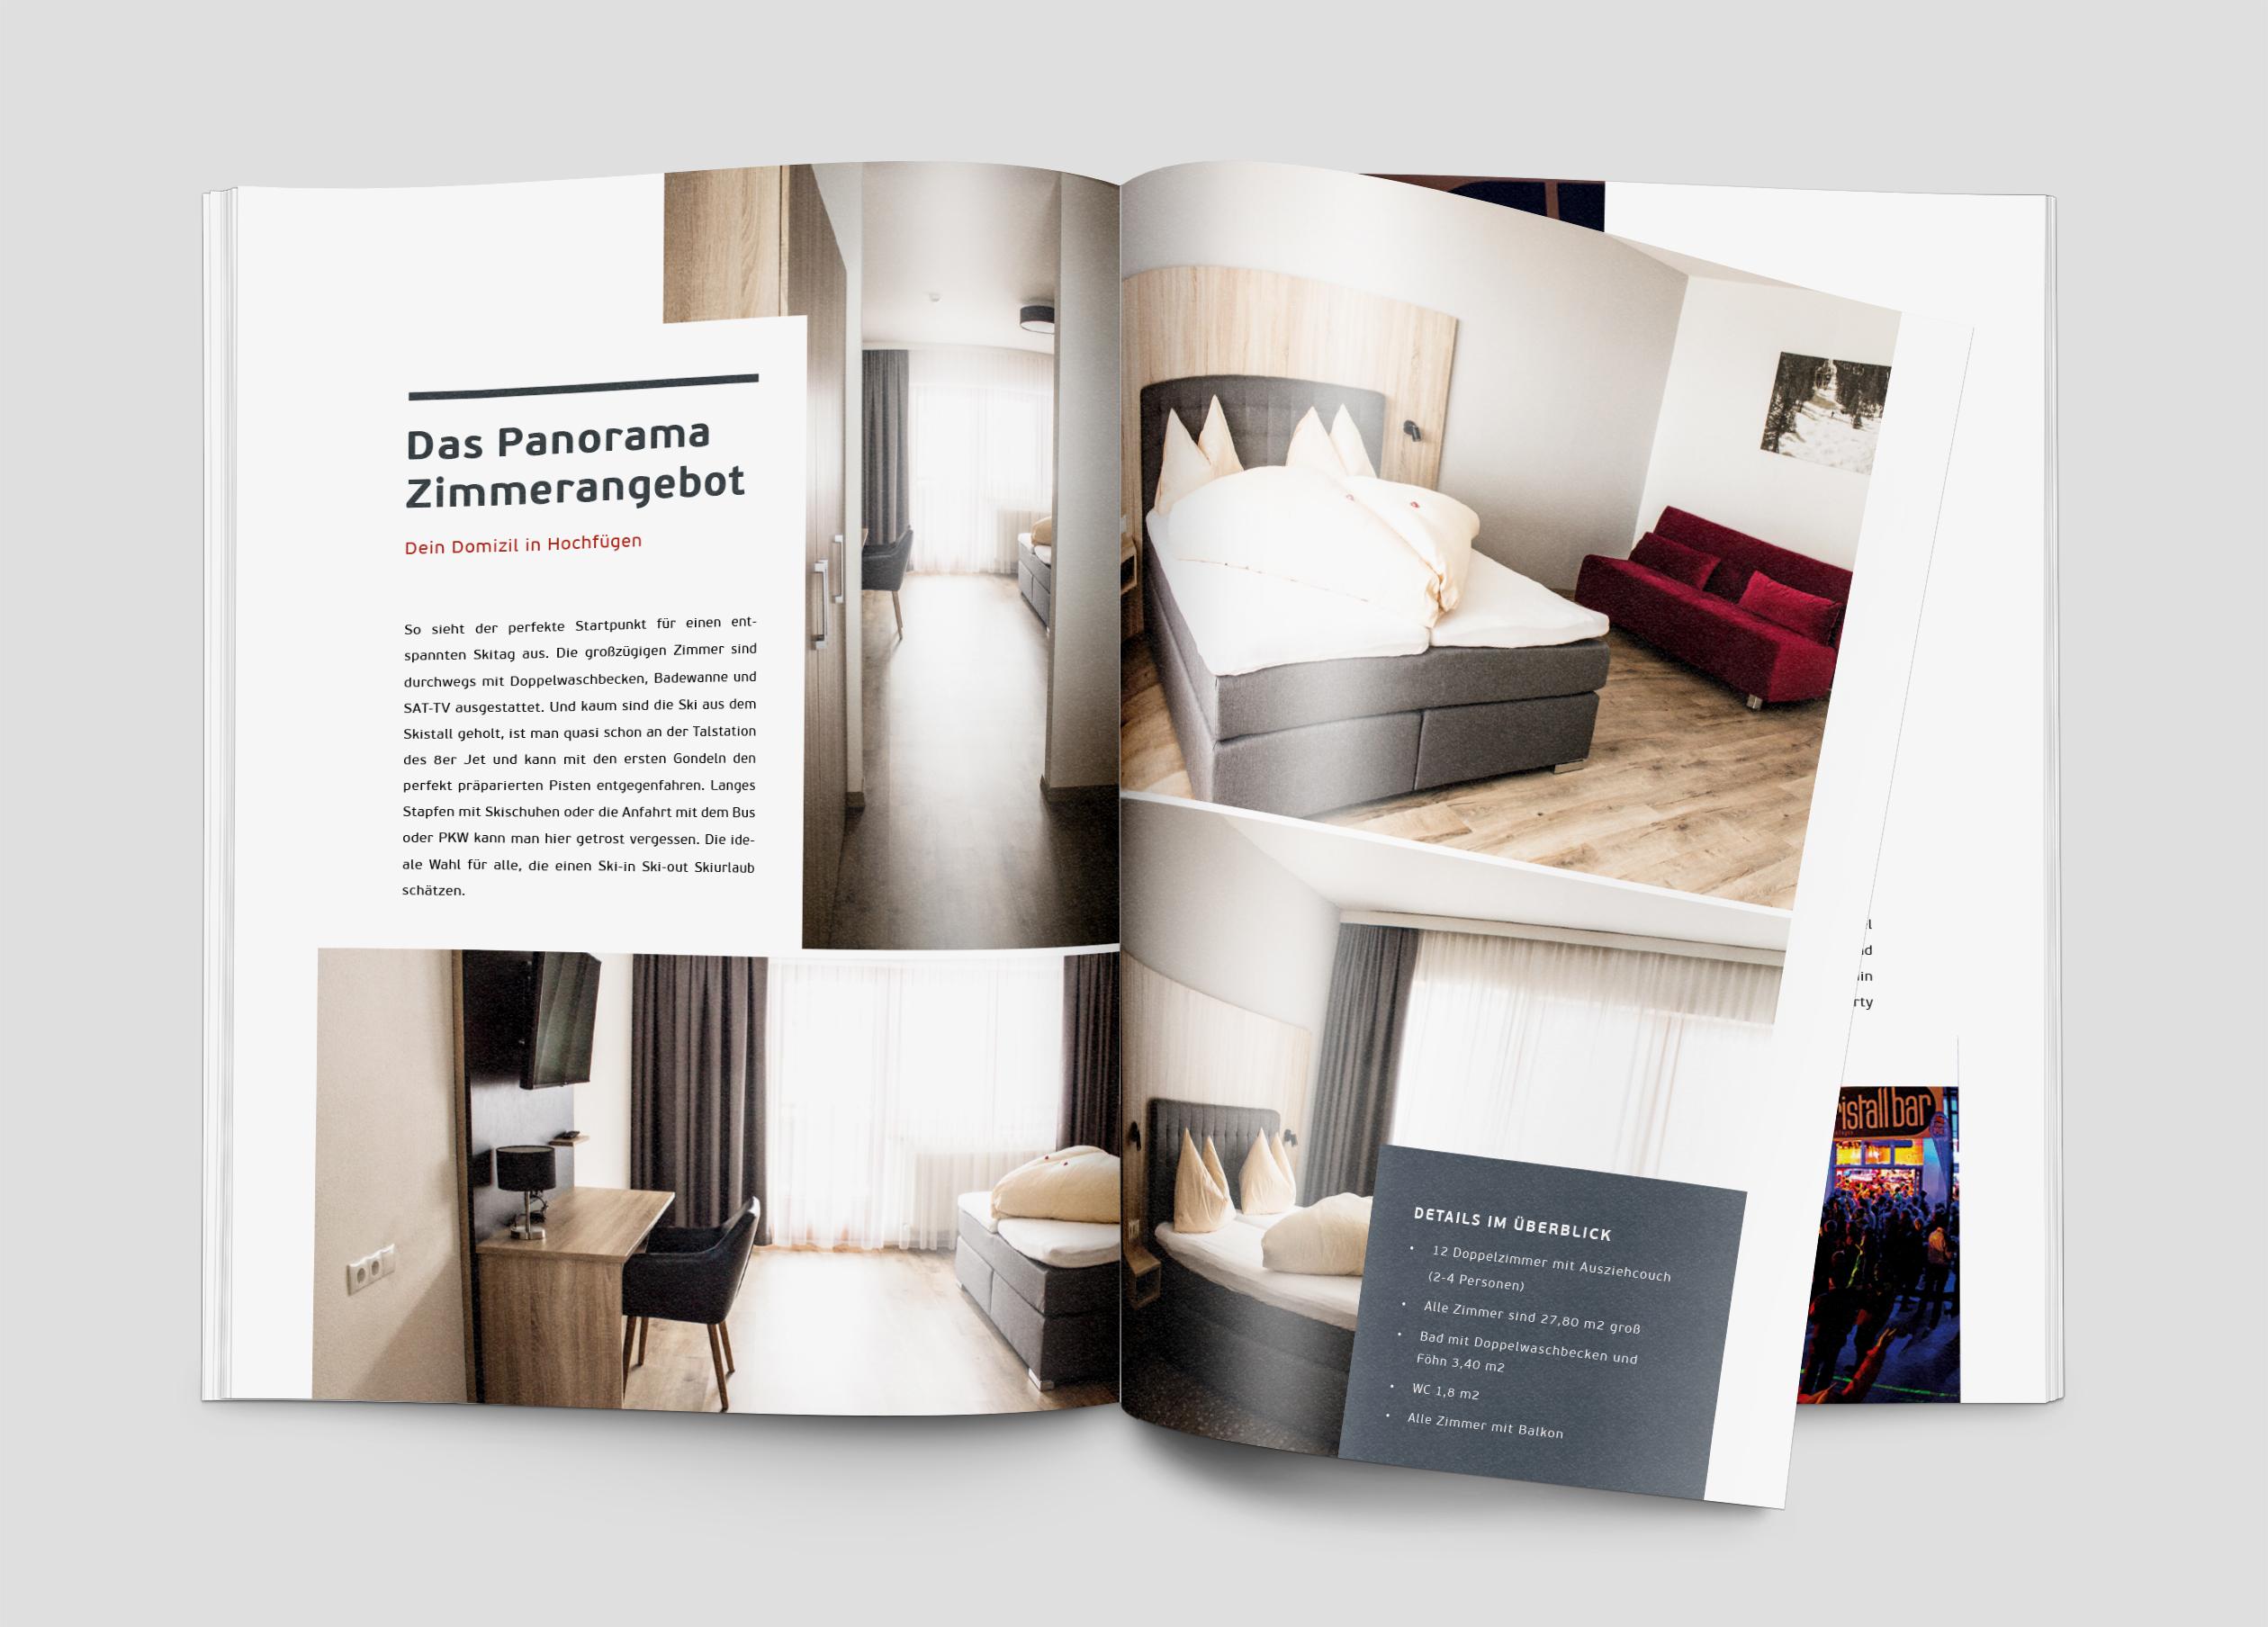 hochfuegen-magazine-panorama_innen